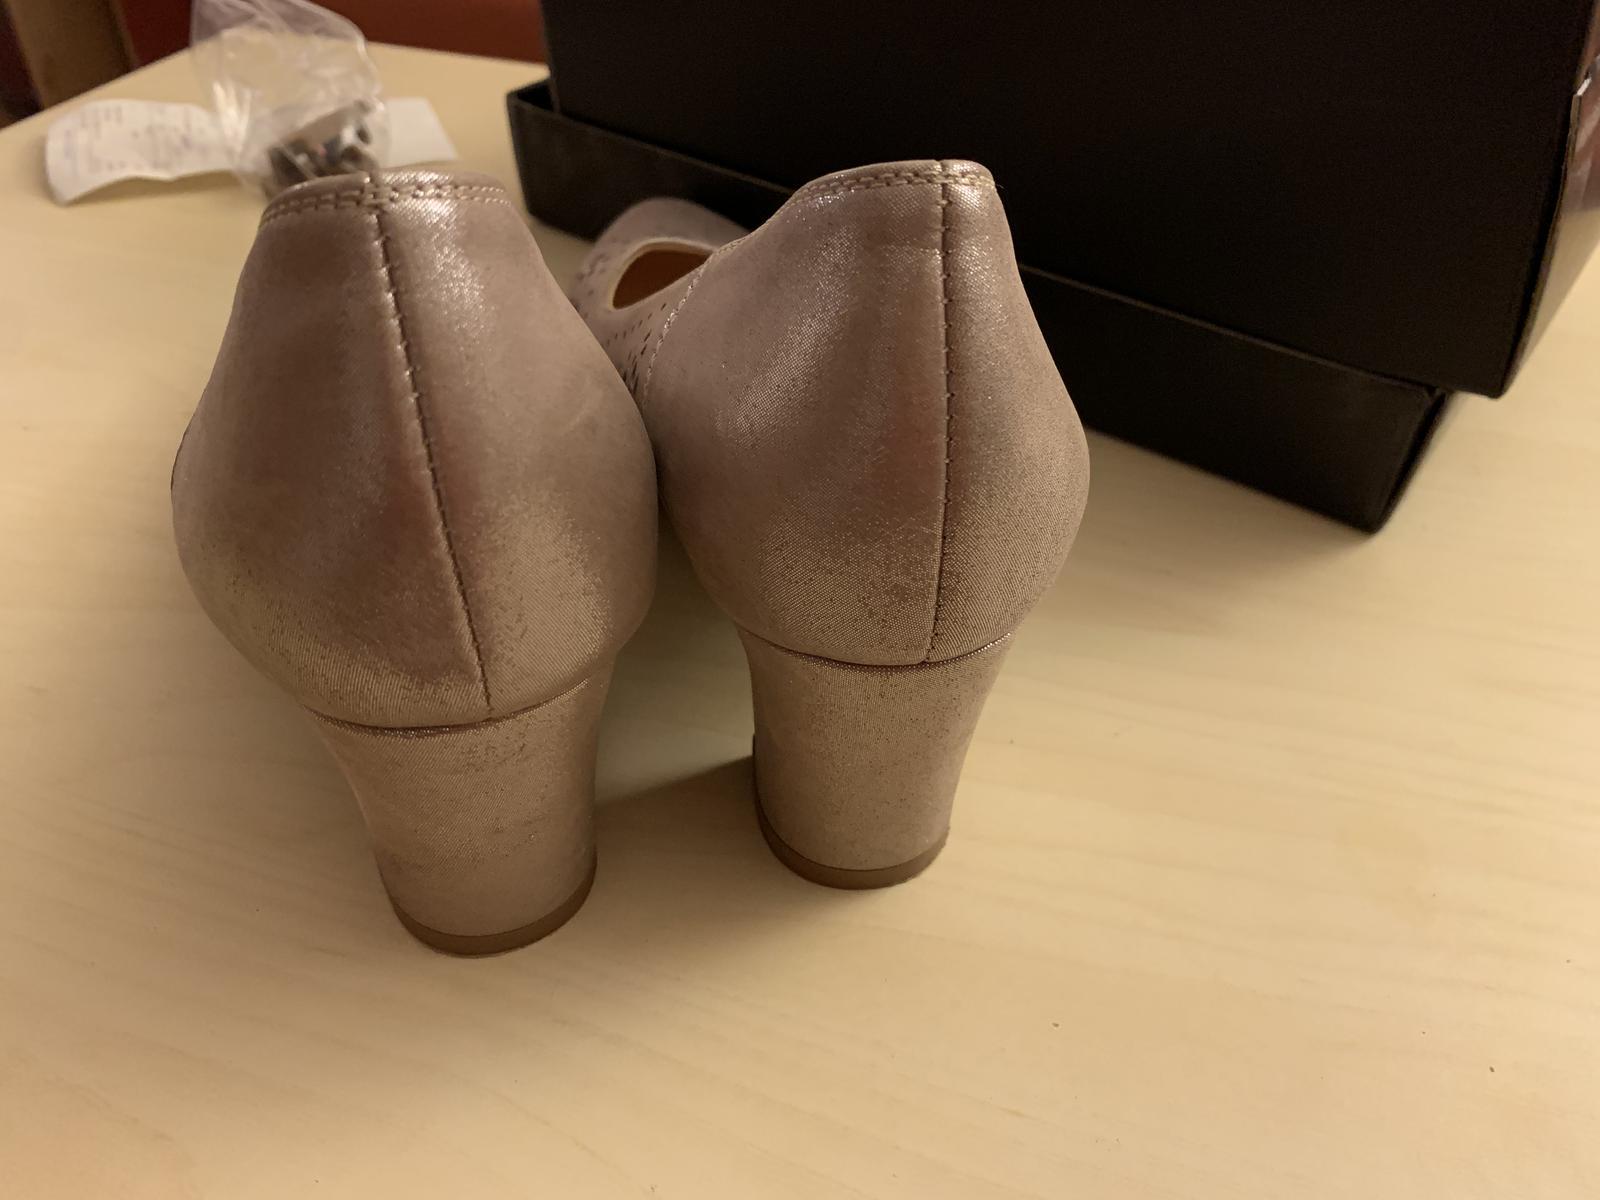 Svatební boty - Obrázek č. 4